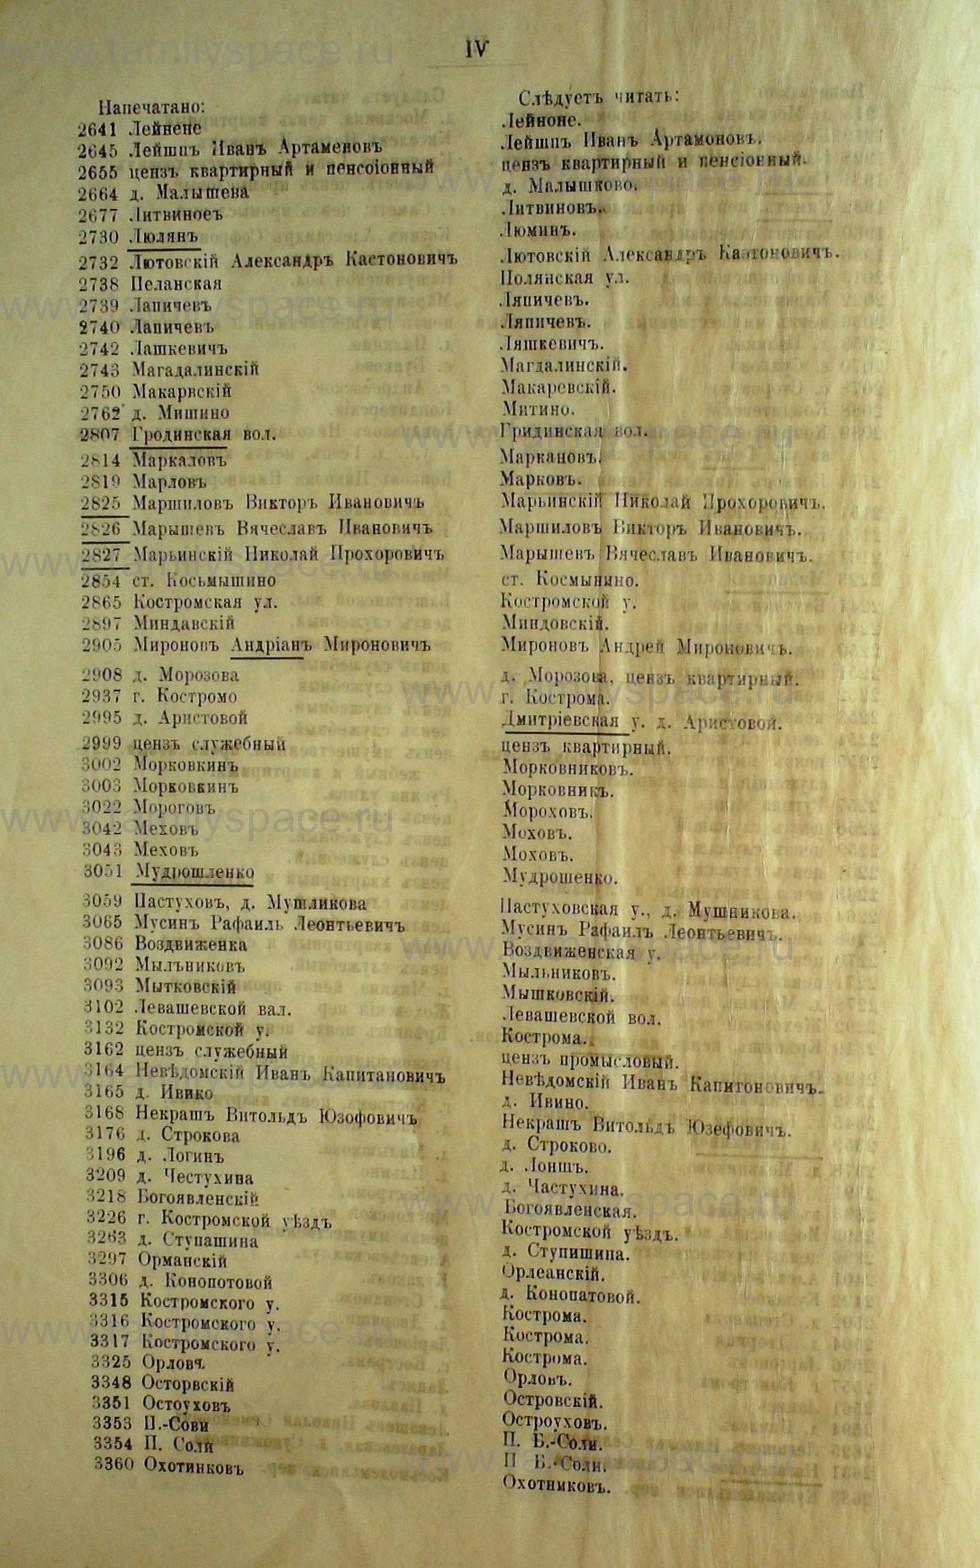 Поиск по фамилии - Список лиц, имеющих право участия на съезде городских избирателей по Костромскому уезду 1906г, страница 45